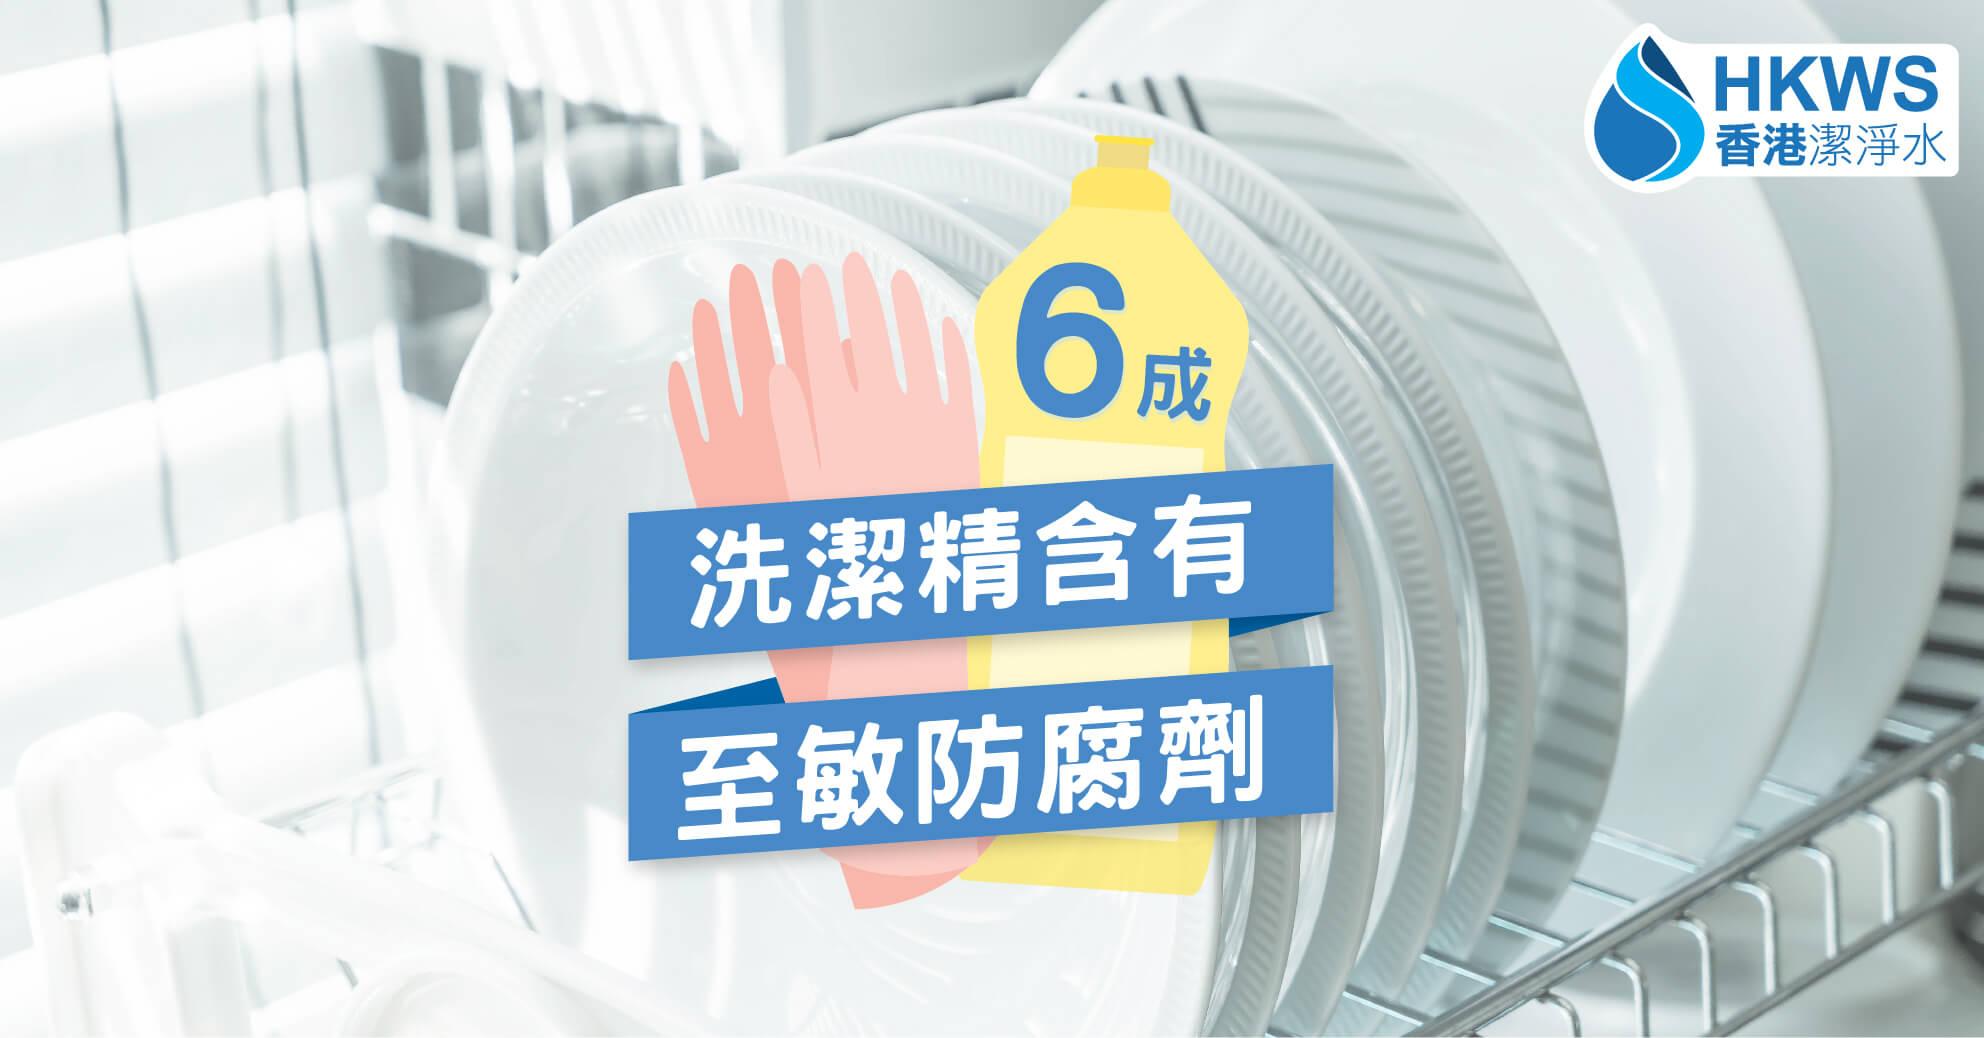 21款洗潔精含致敏防腐劑名單